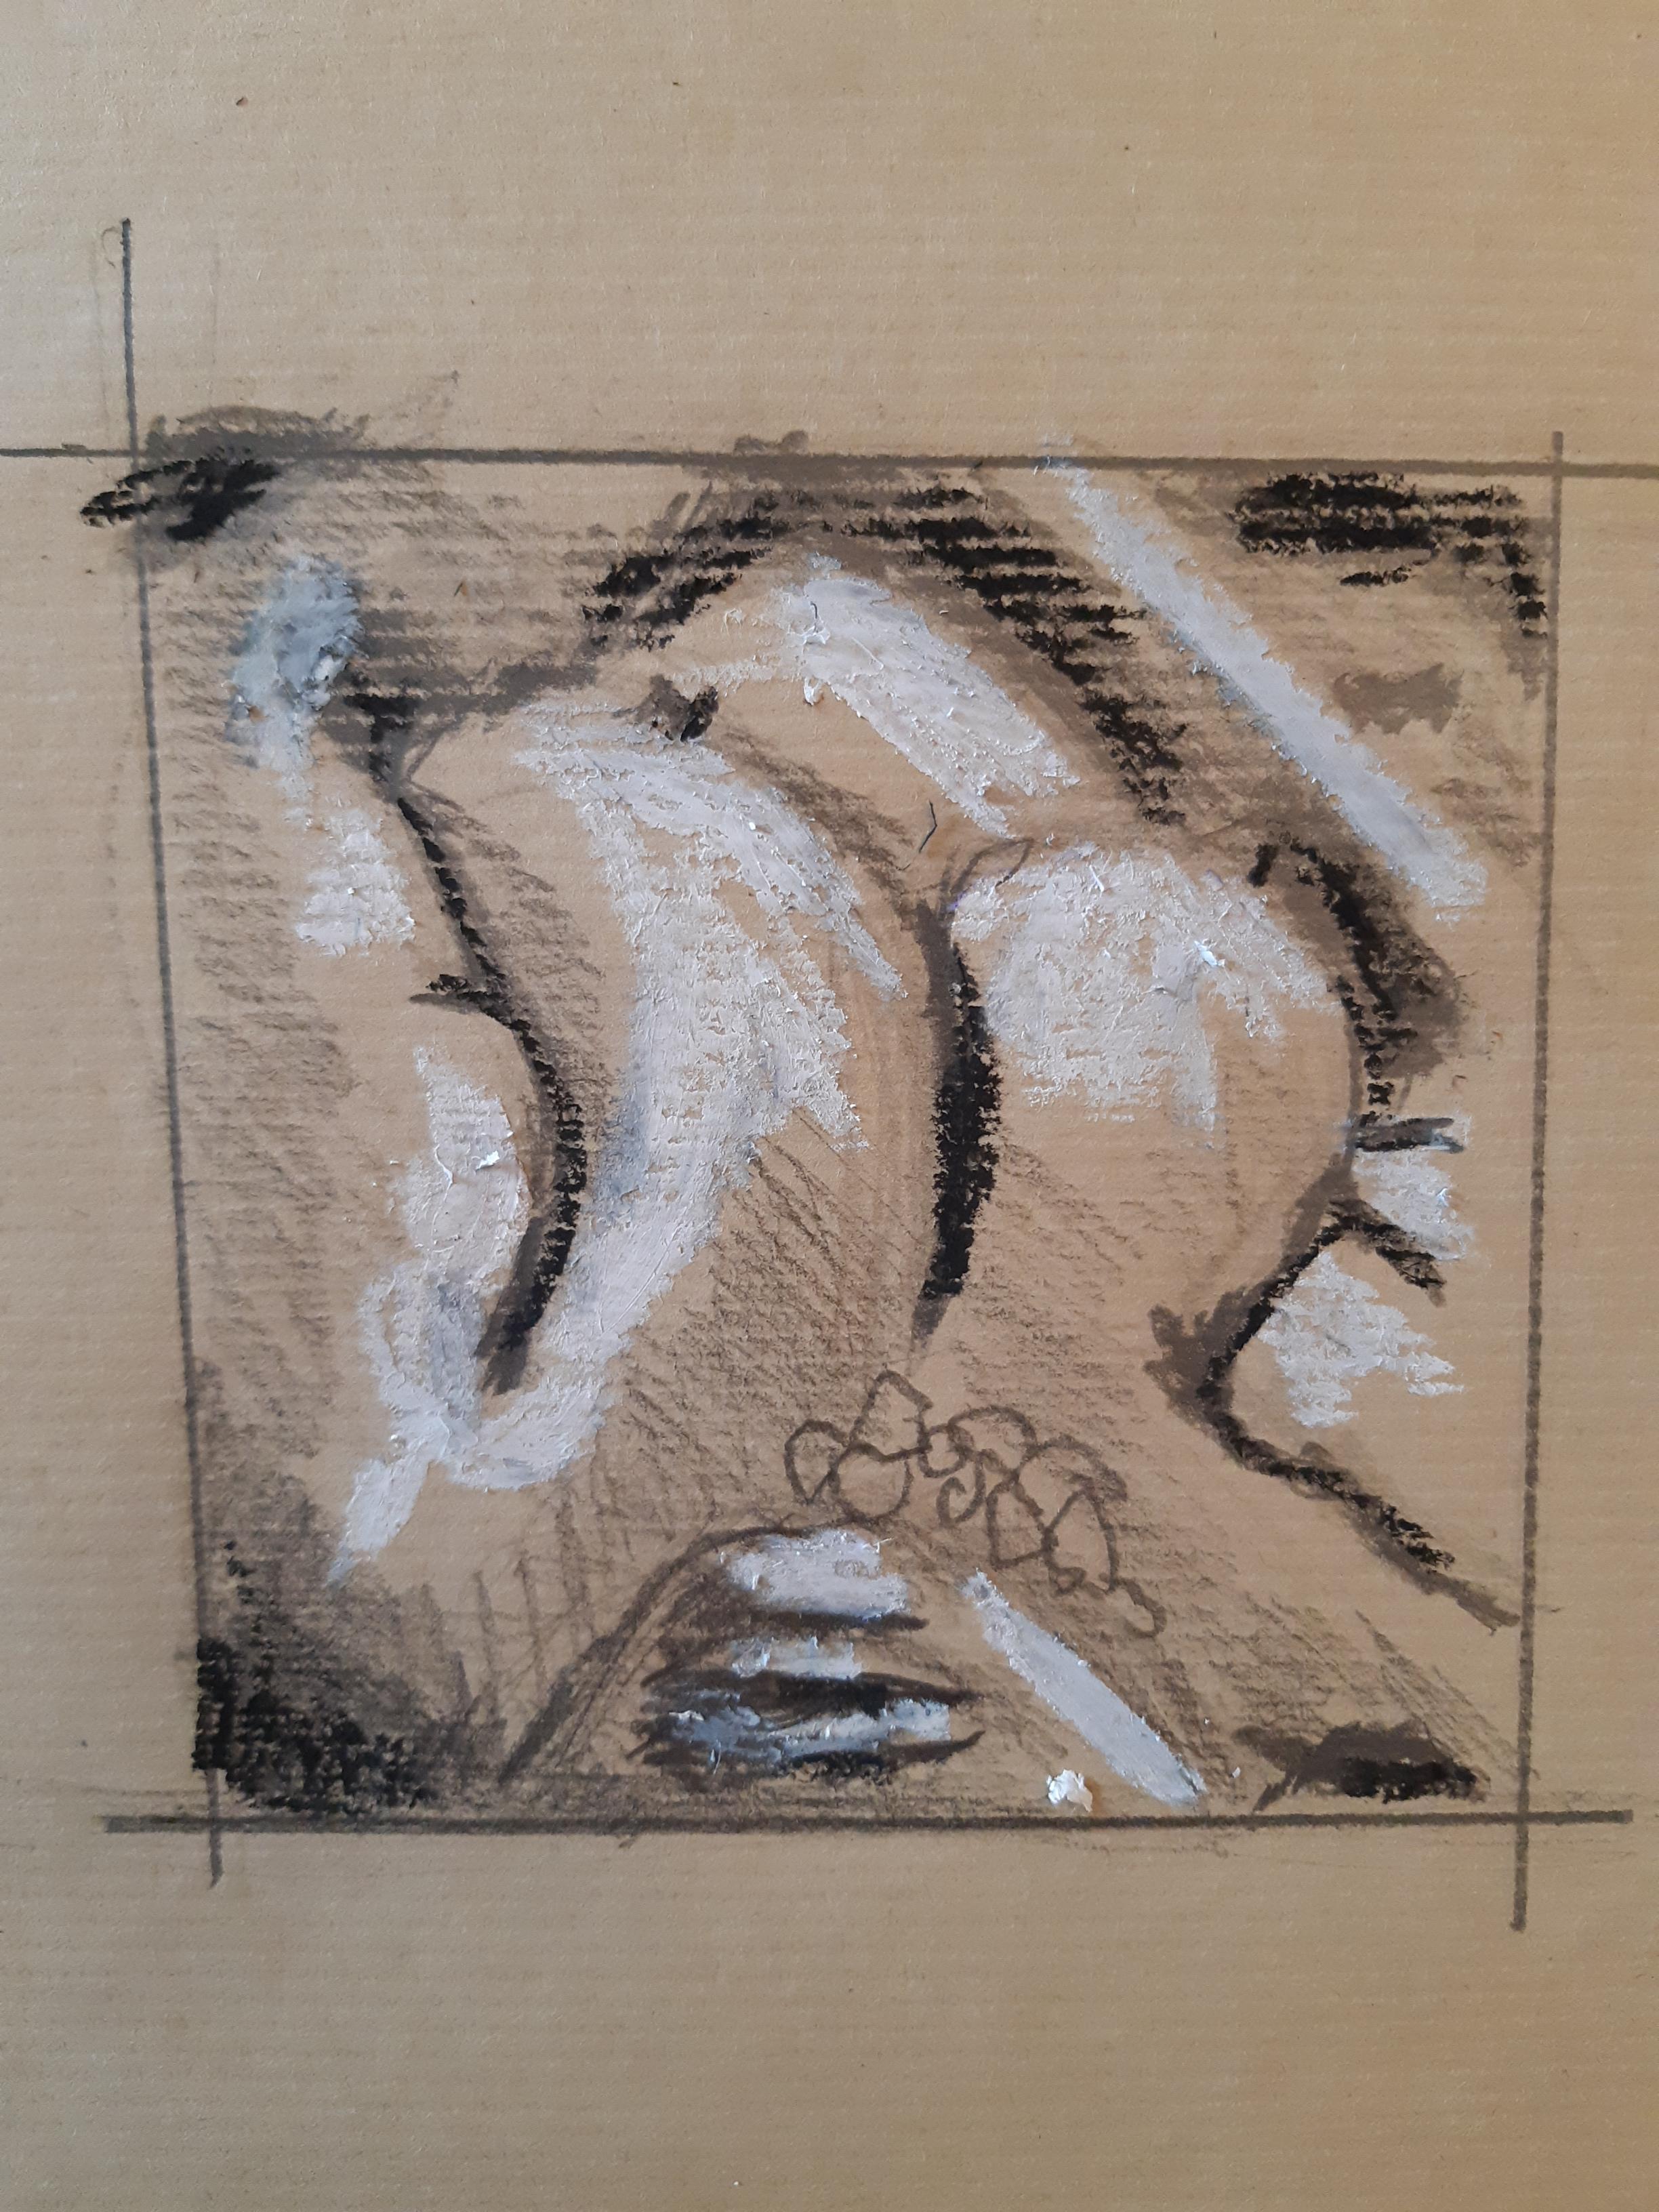 dessin technique mixte pastel noir craie banche papier kraft  cours de dessin